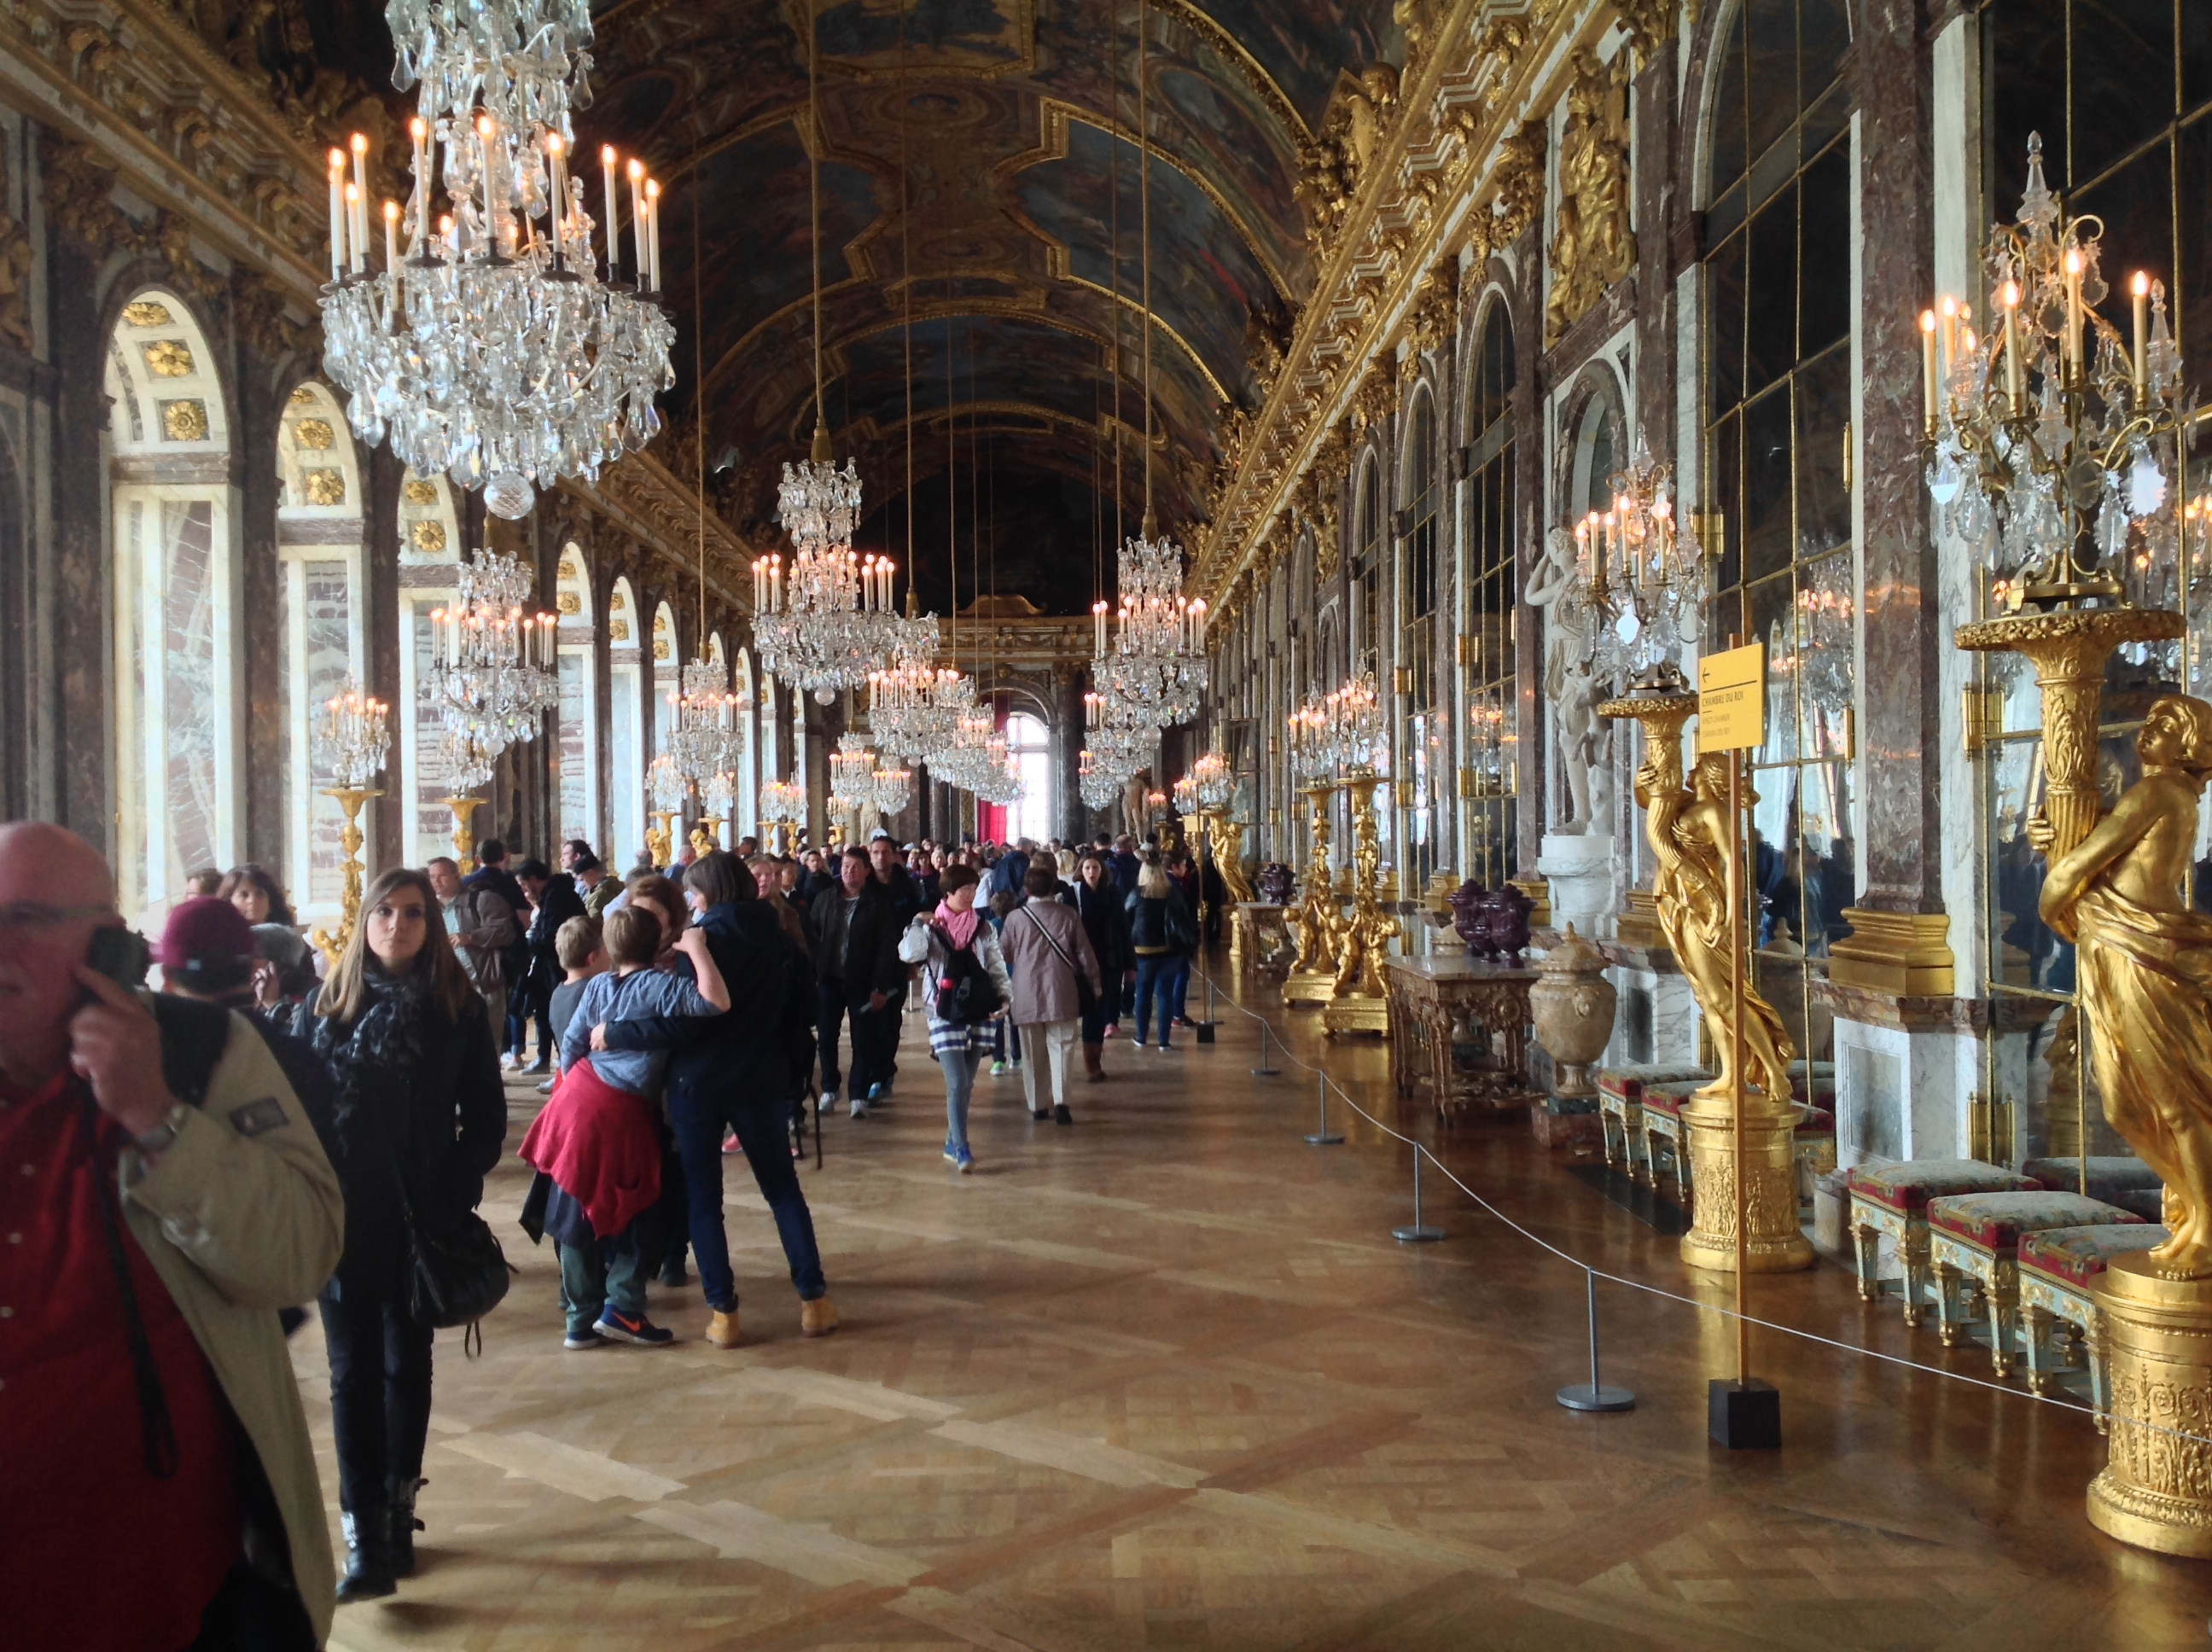 Galerie des glaces, Versailles, France - Photo : Vincent Laganier